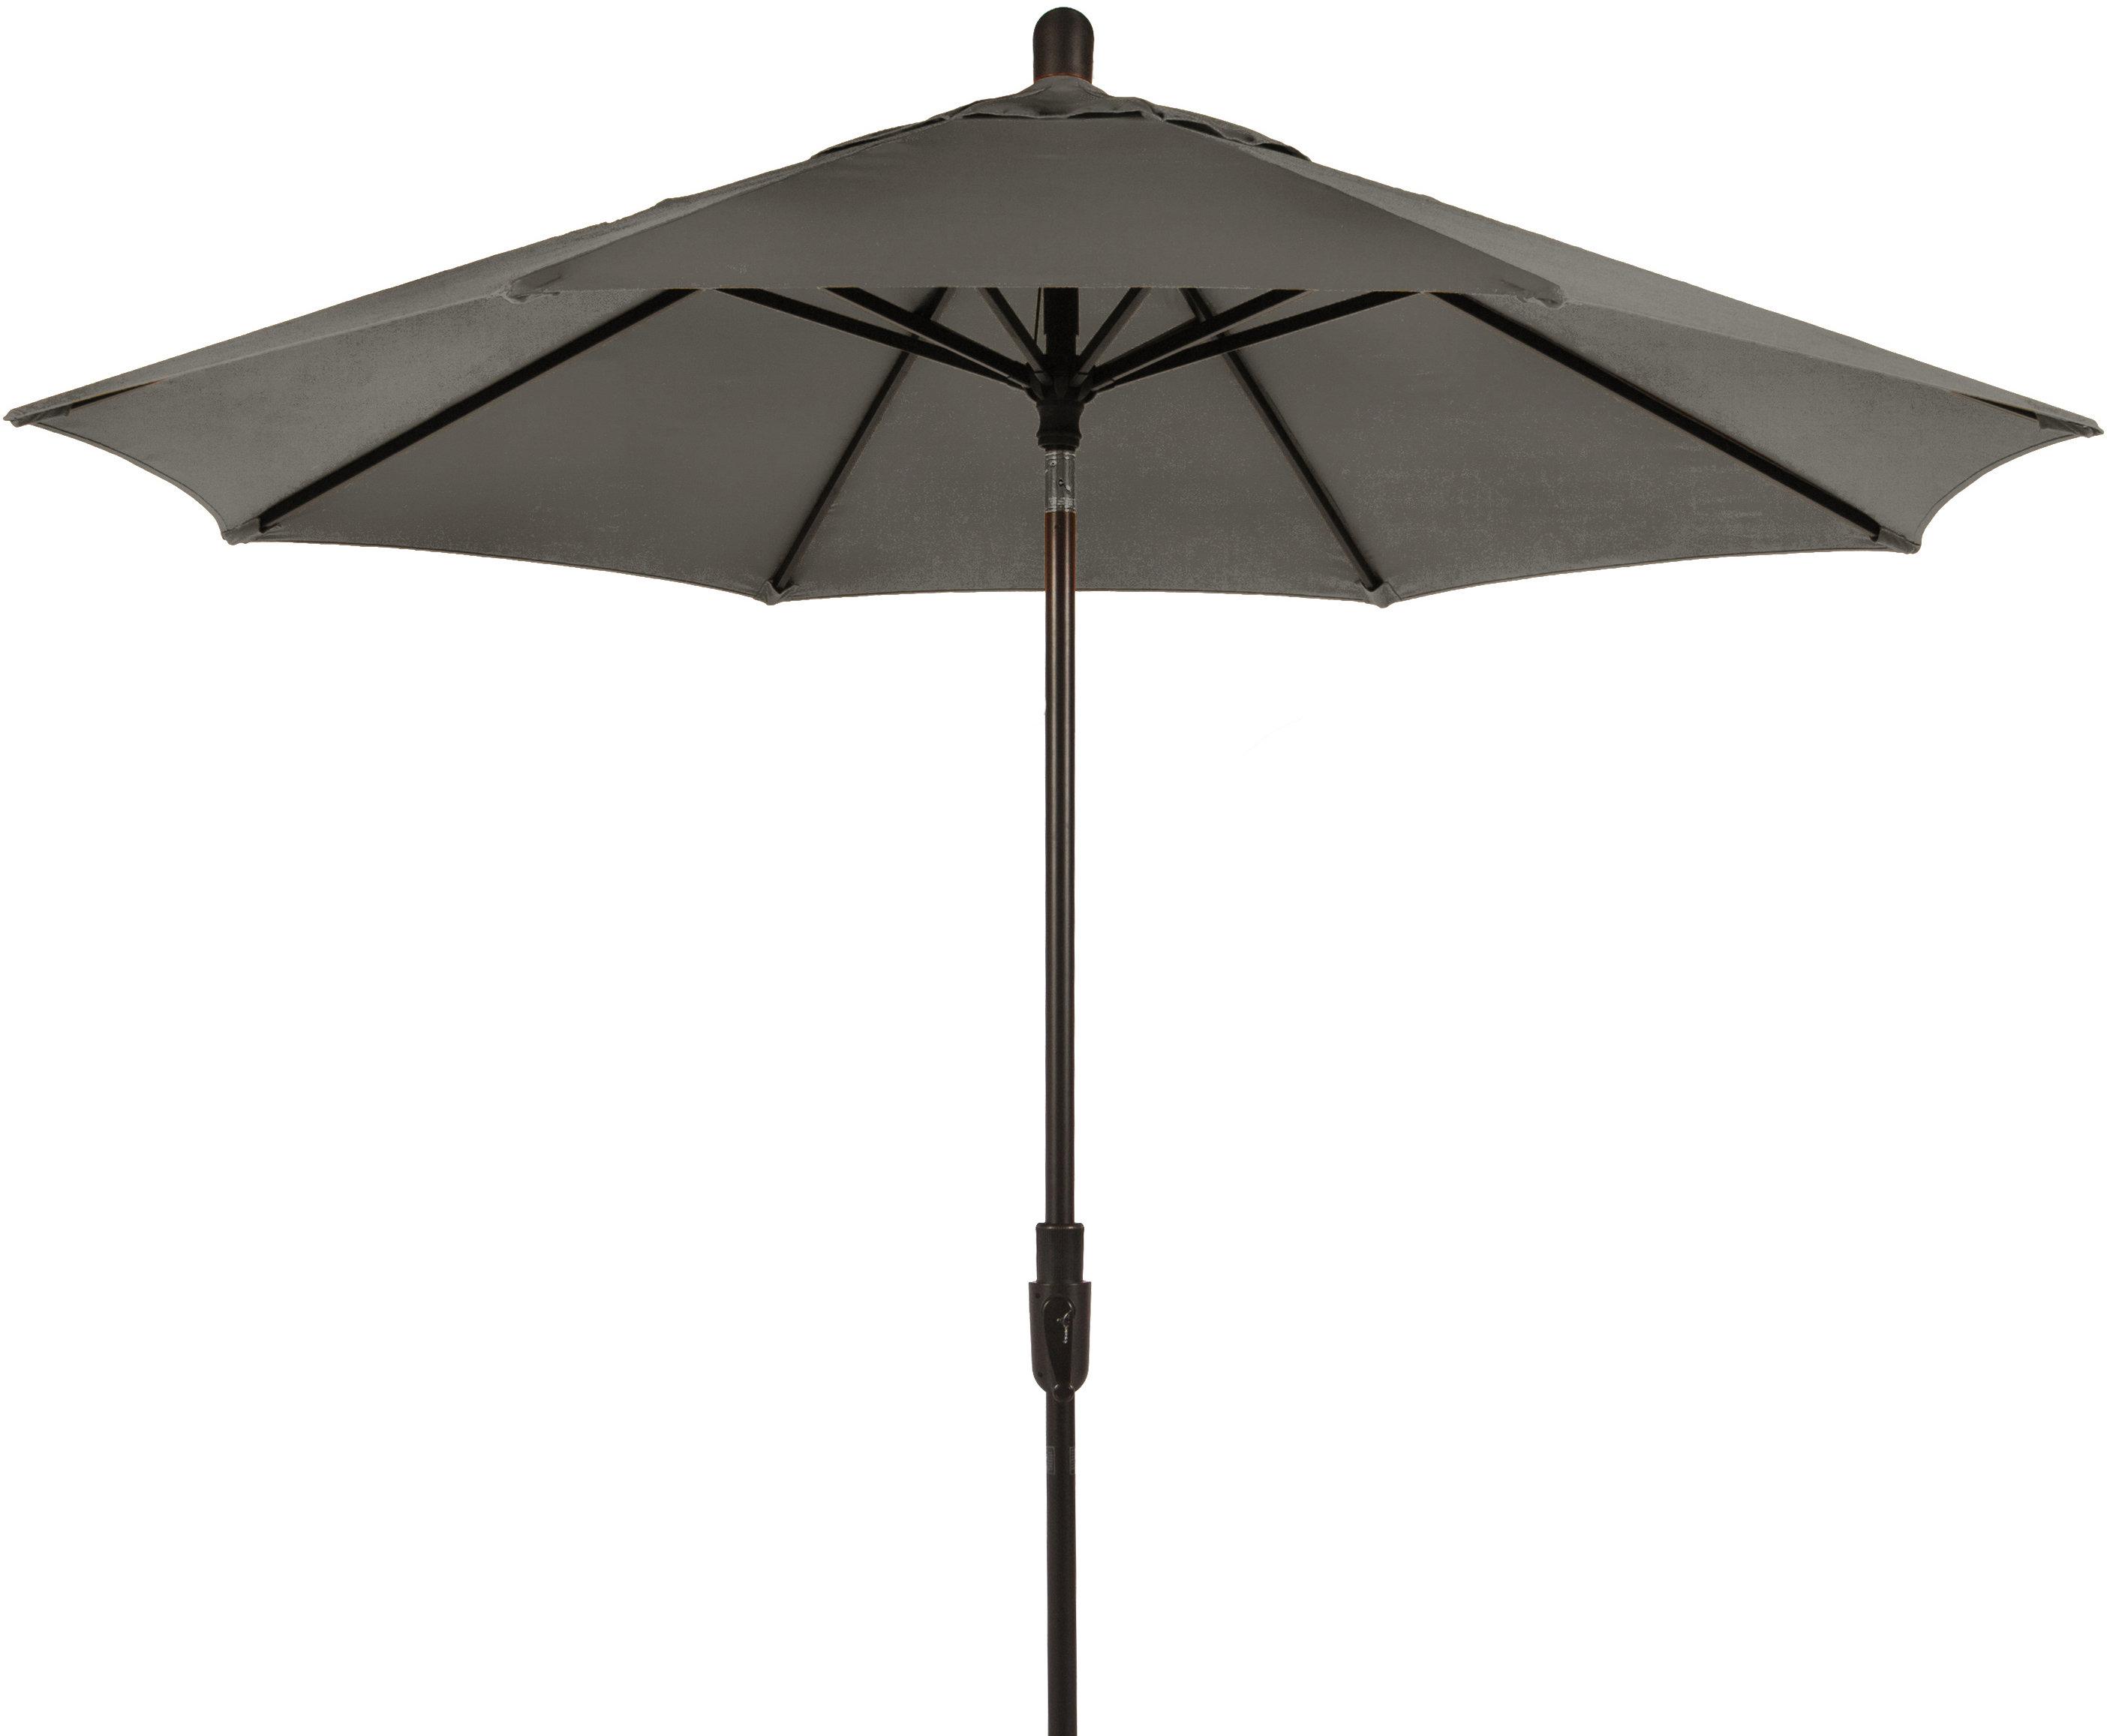 Wiebe 9' Market Umbrella Throughout Well Known Wiebe Auto Tilt Square Market Sunbrella Umbrellas (View 9 of 20)